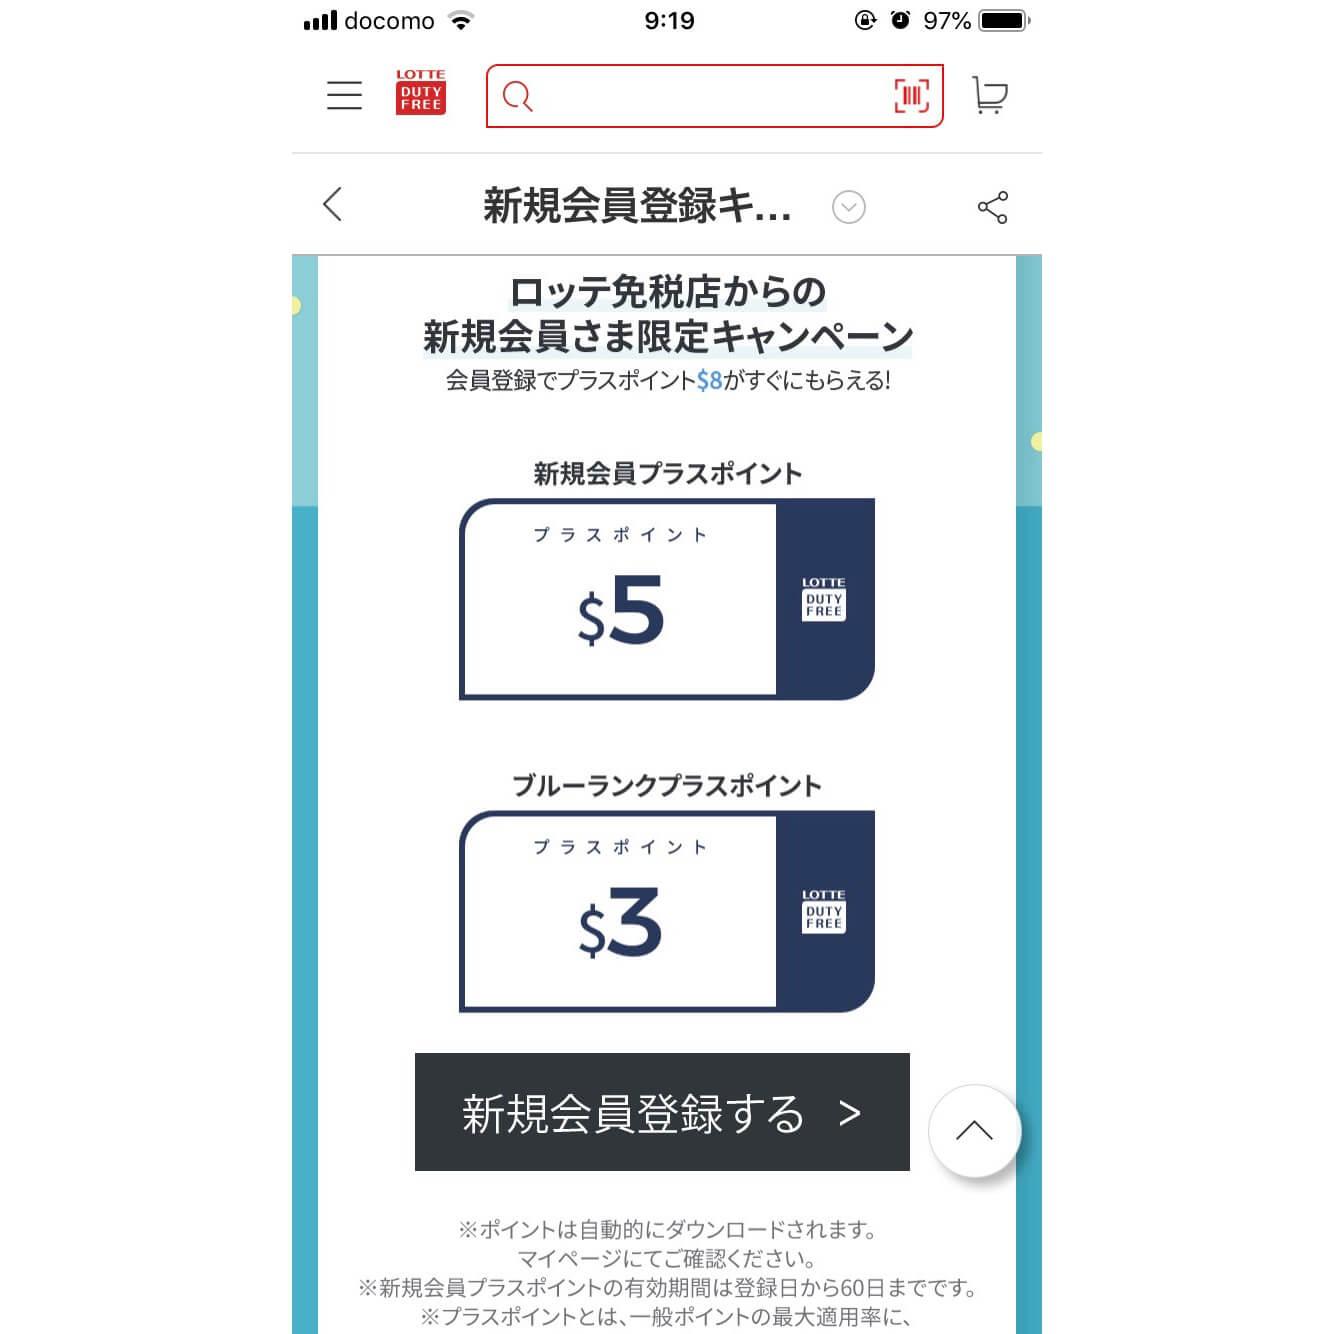 ロッテオンライン免税店 会員登録